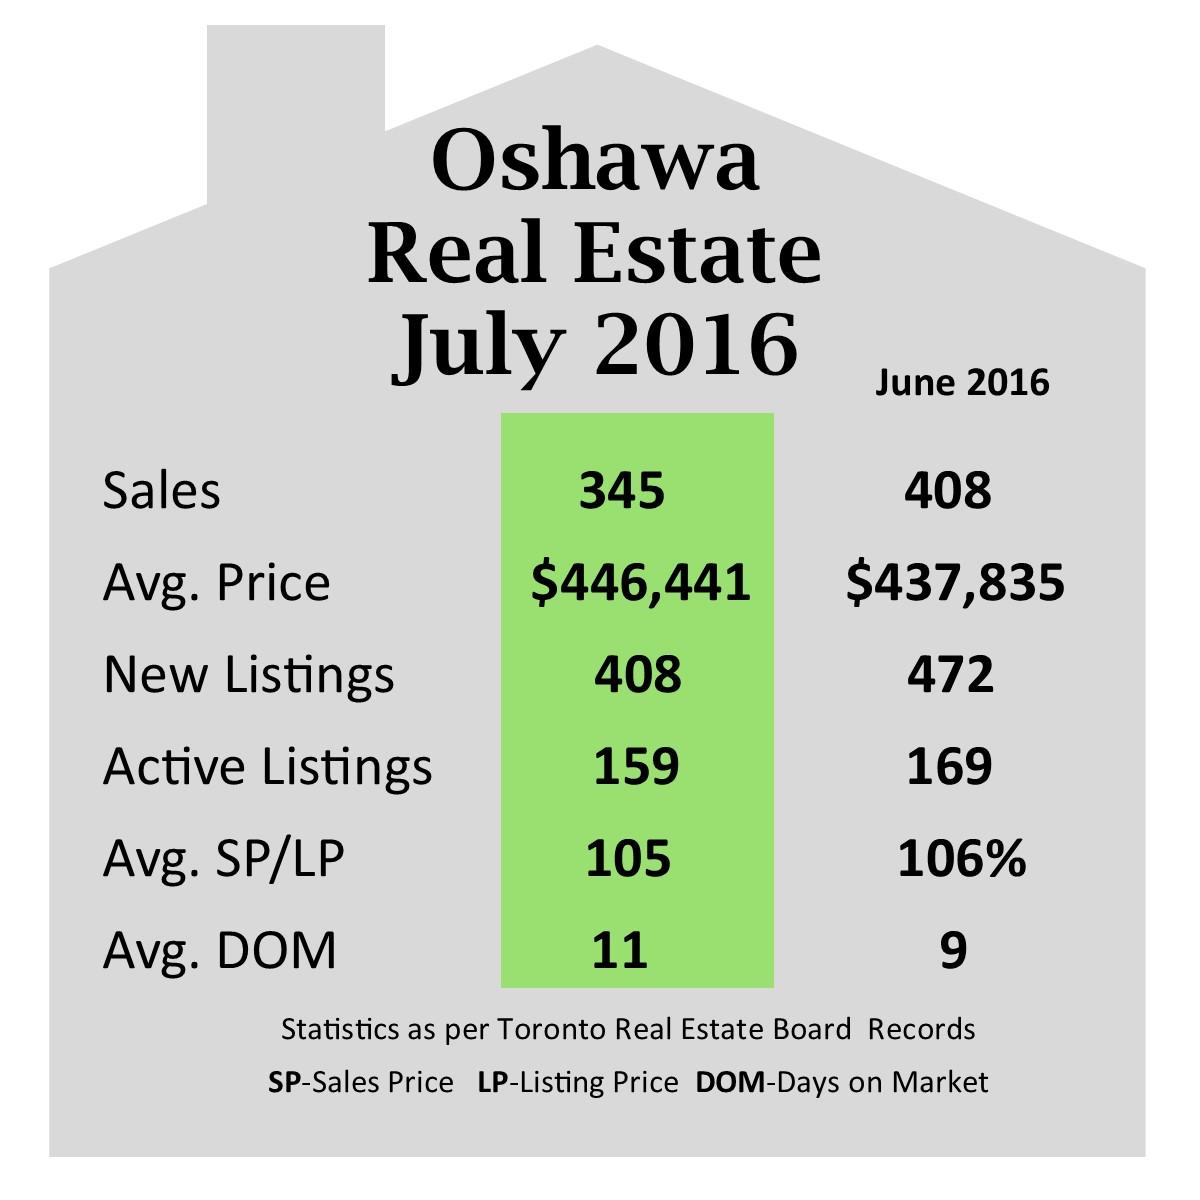 Oshawa_July_2016.jpg